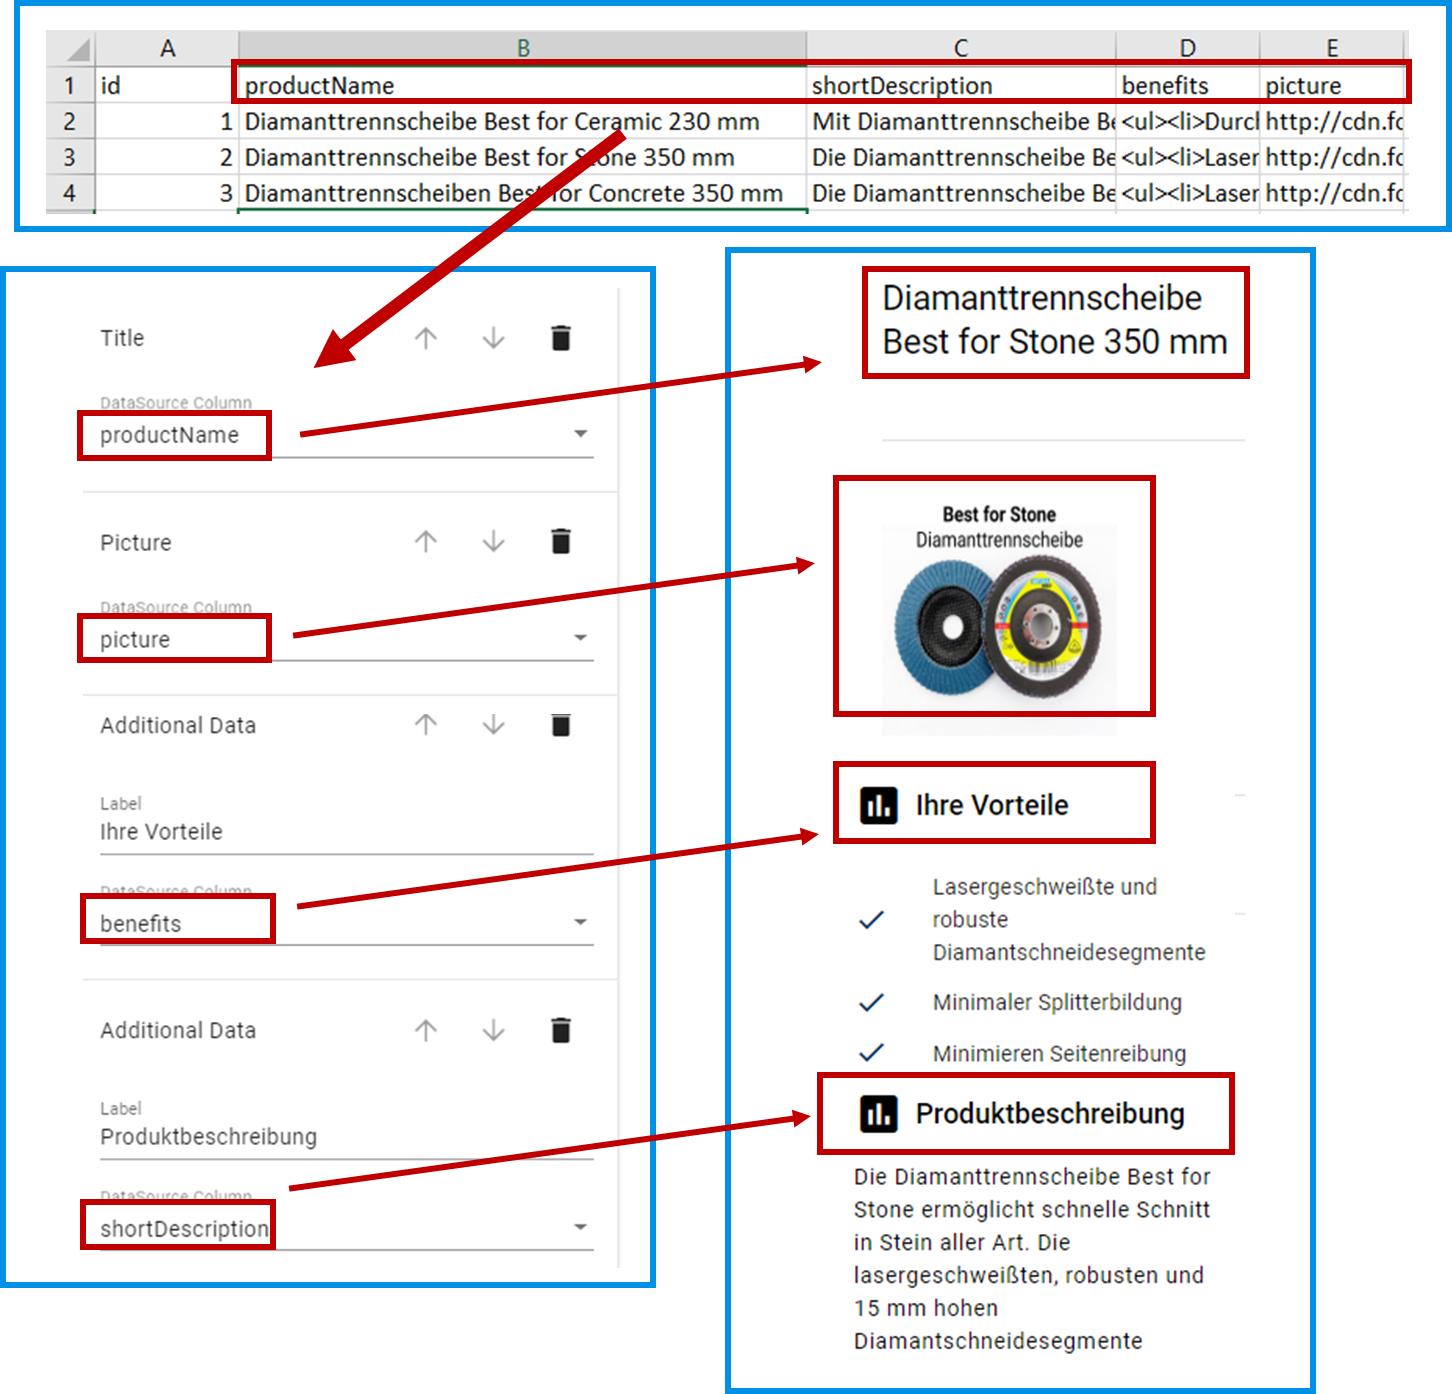 excel_produkt_ergebnis_relation